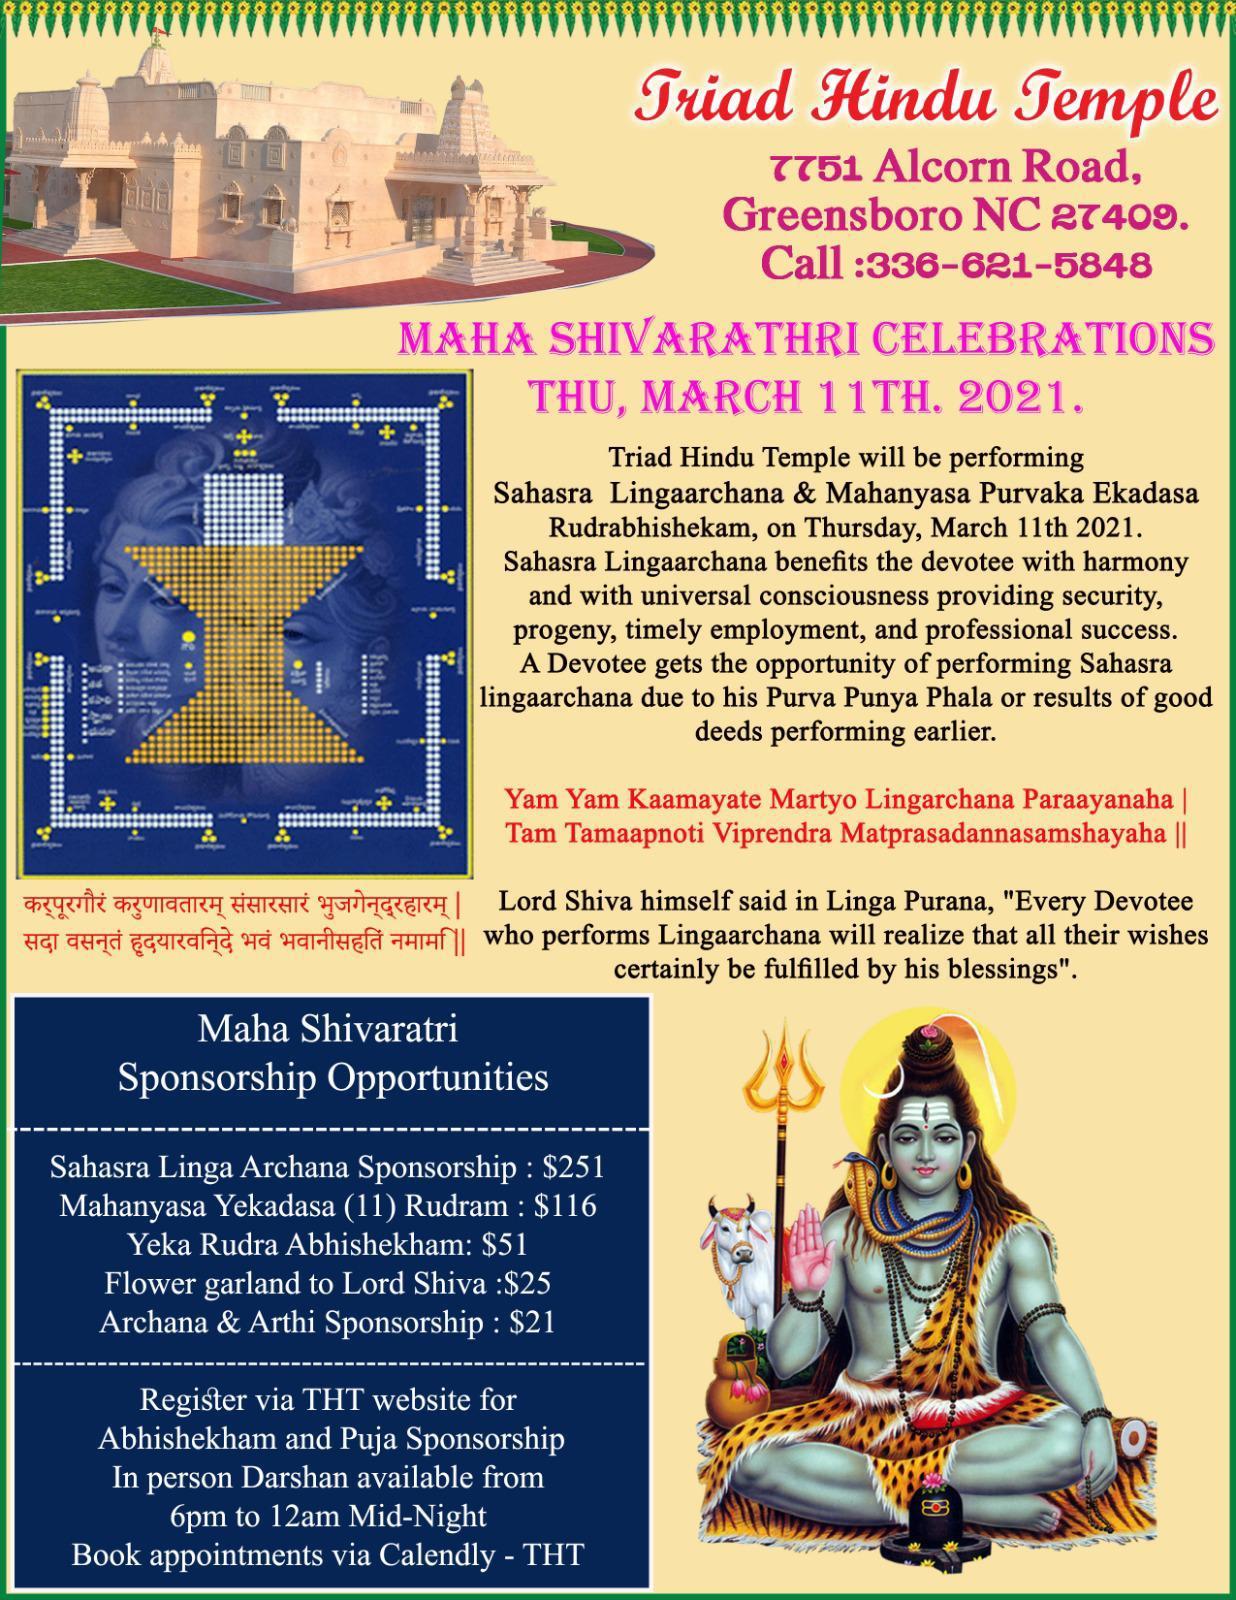 THT MahaShivaratri Celebrations